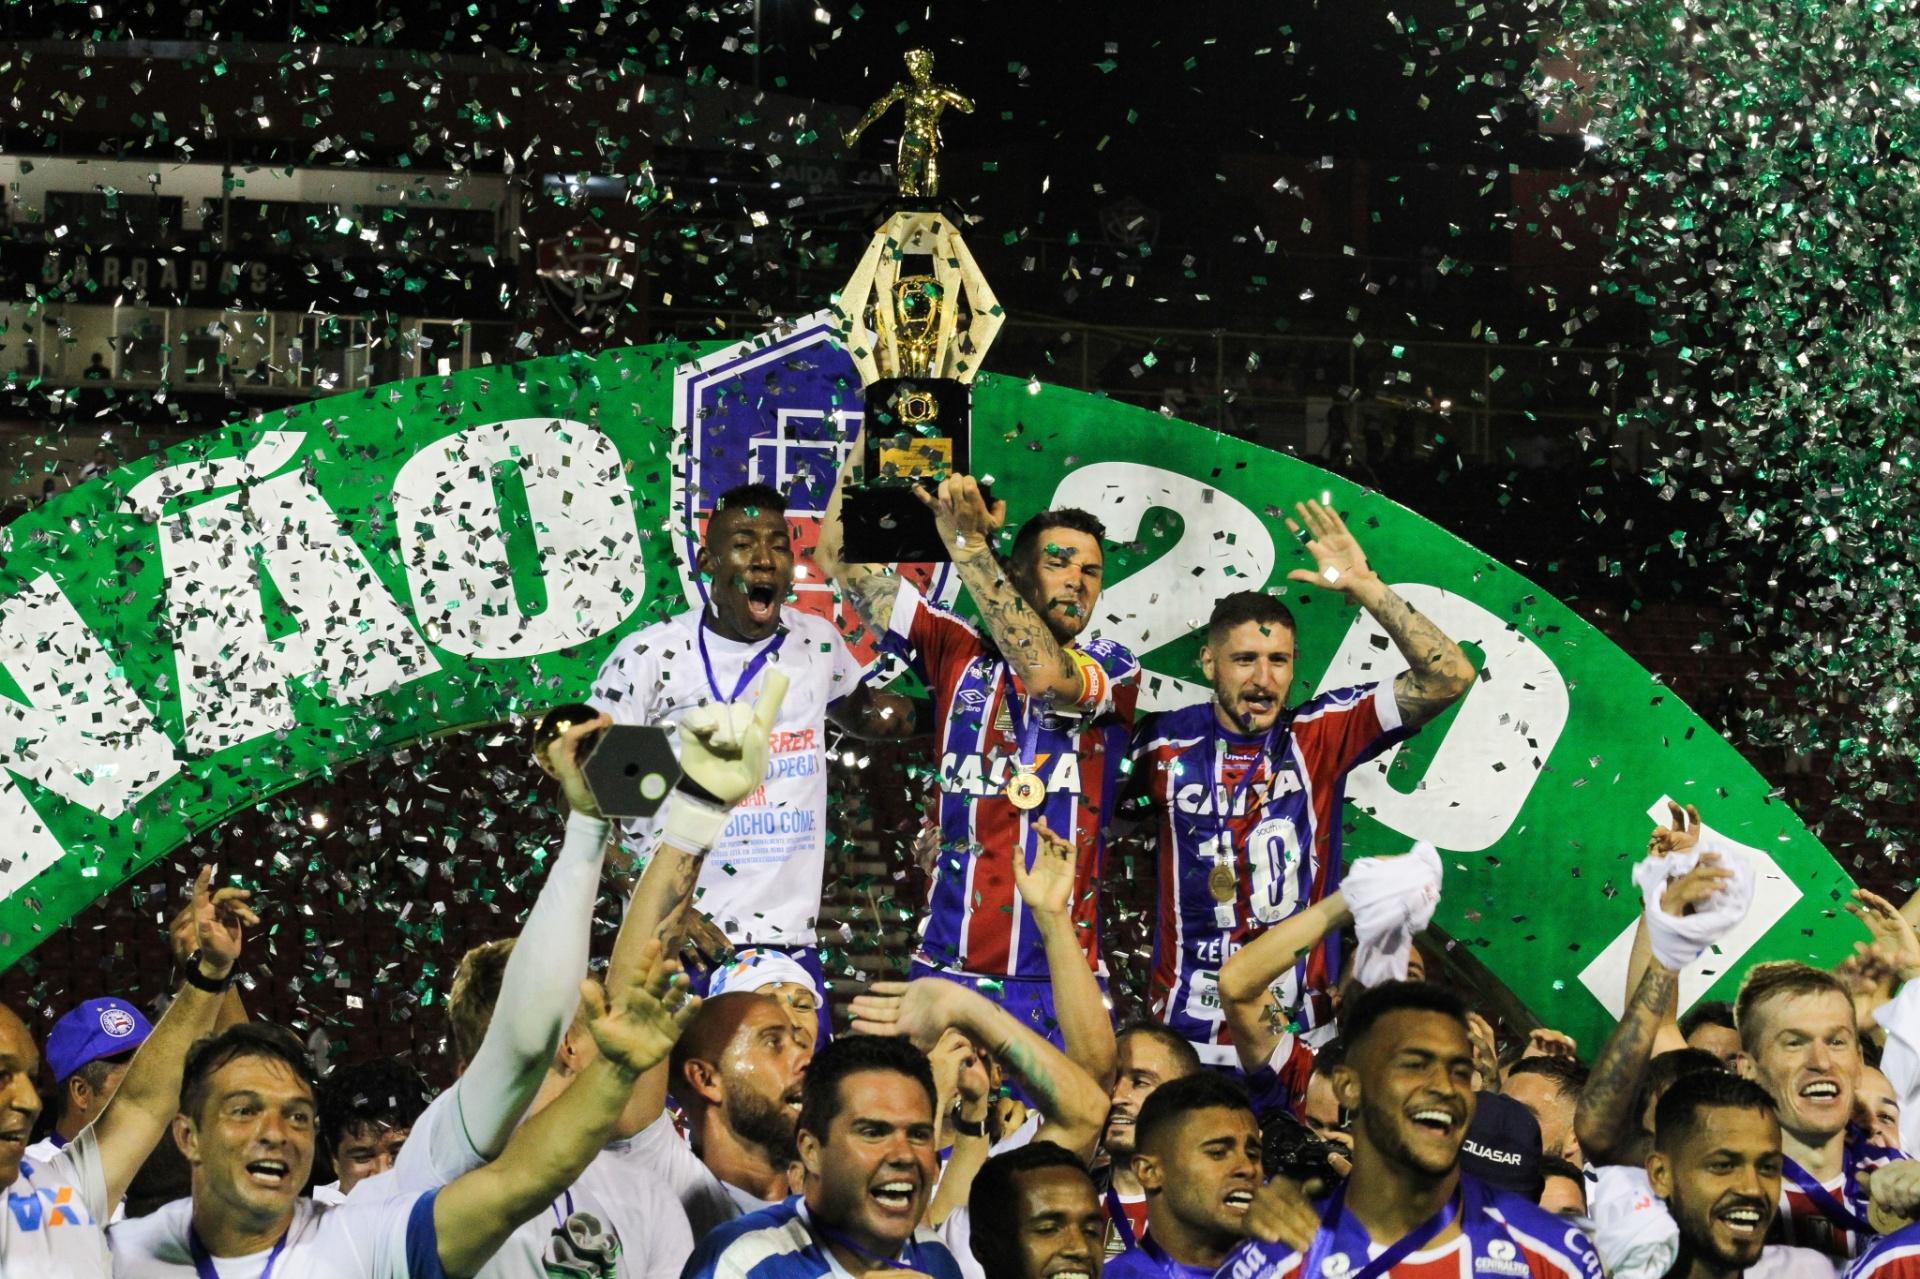 86c939eb3b Bahia bate o Vitória no Barradão e conquista o título baiano de 2018 -  08 04 2018 - UOL Esporte